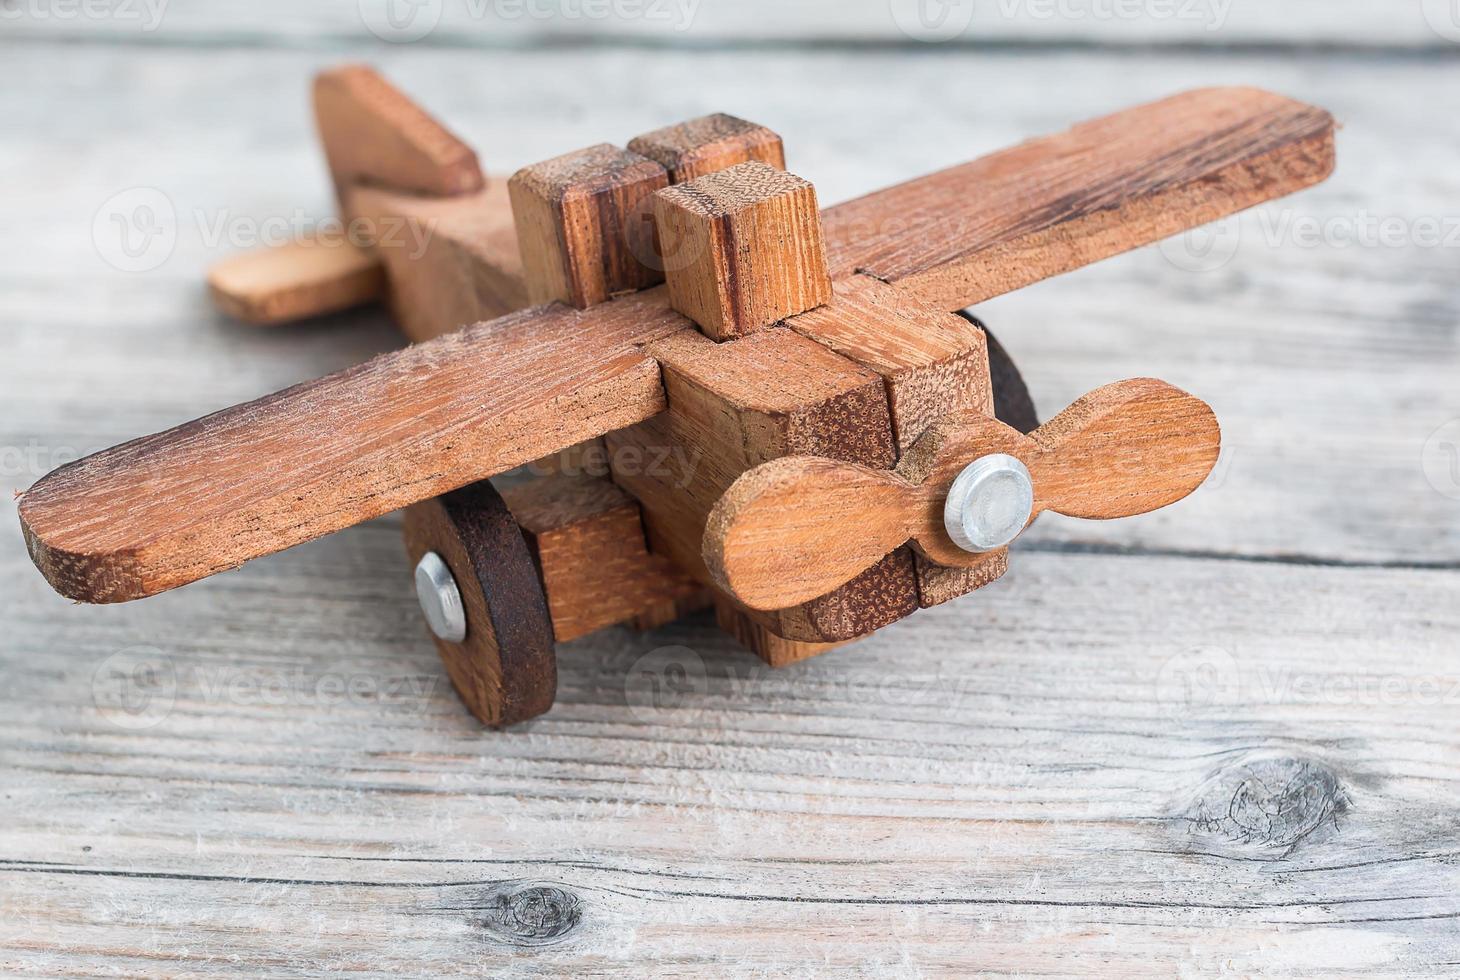 primo piano di un aereo scolpito in legno modello scolpito a mano foto